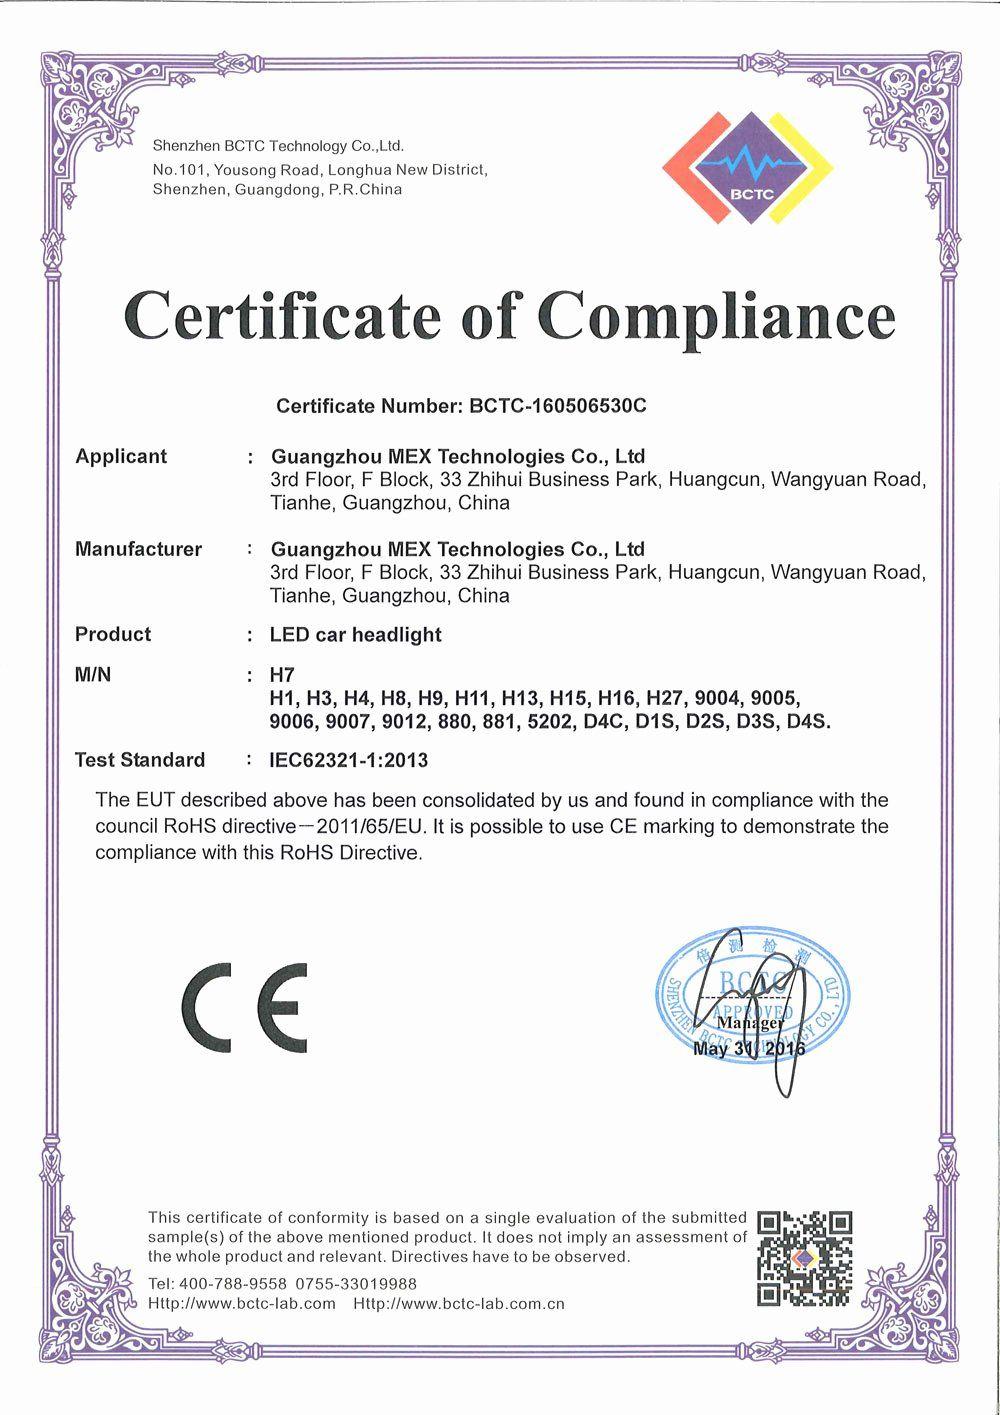 Certificate Of Compliance Template Beautiful Rohs Certificate Of Certificate Templates Certificate Of Participation Template Certificate Of Completion Template Rohs certificate of compliance template